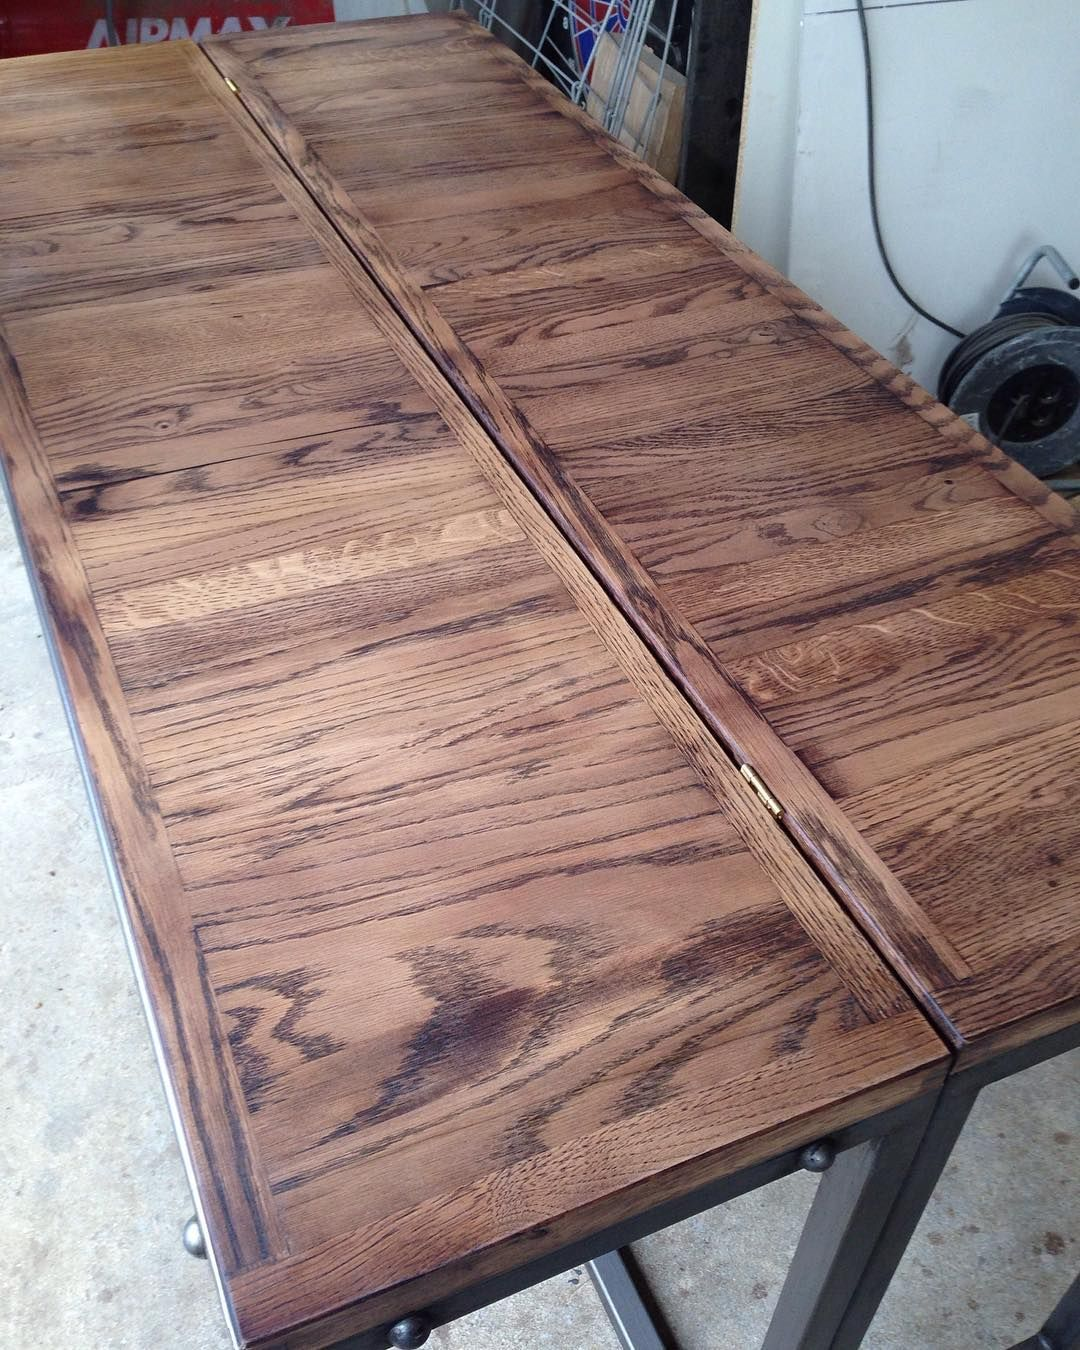 Table pliante Atelier Byron wood woodwork woodworking